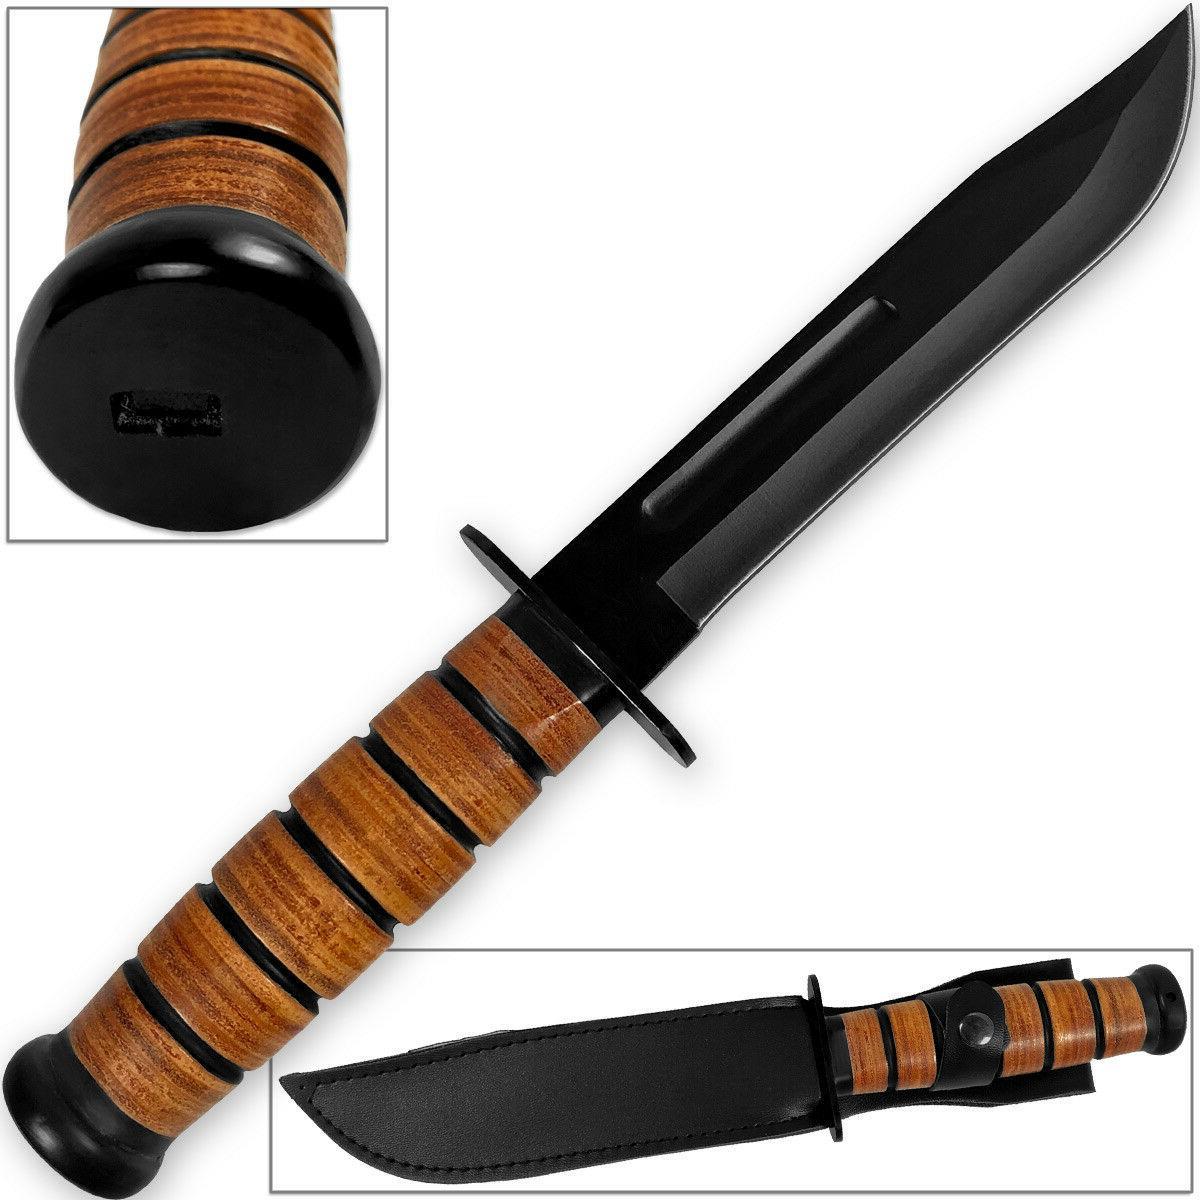 Usmc kabar knife ww2 KA